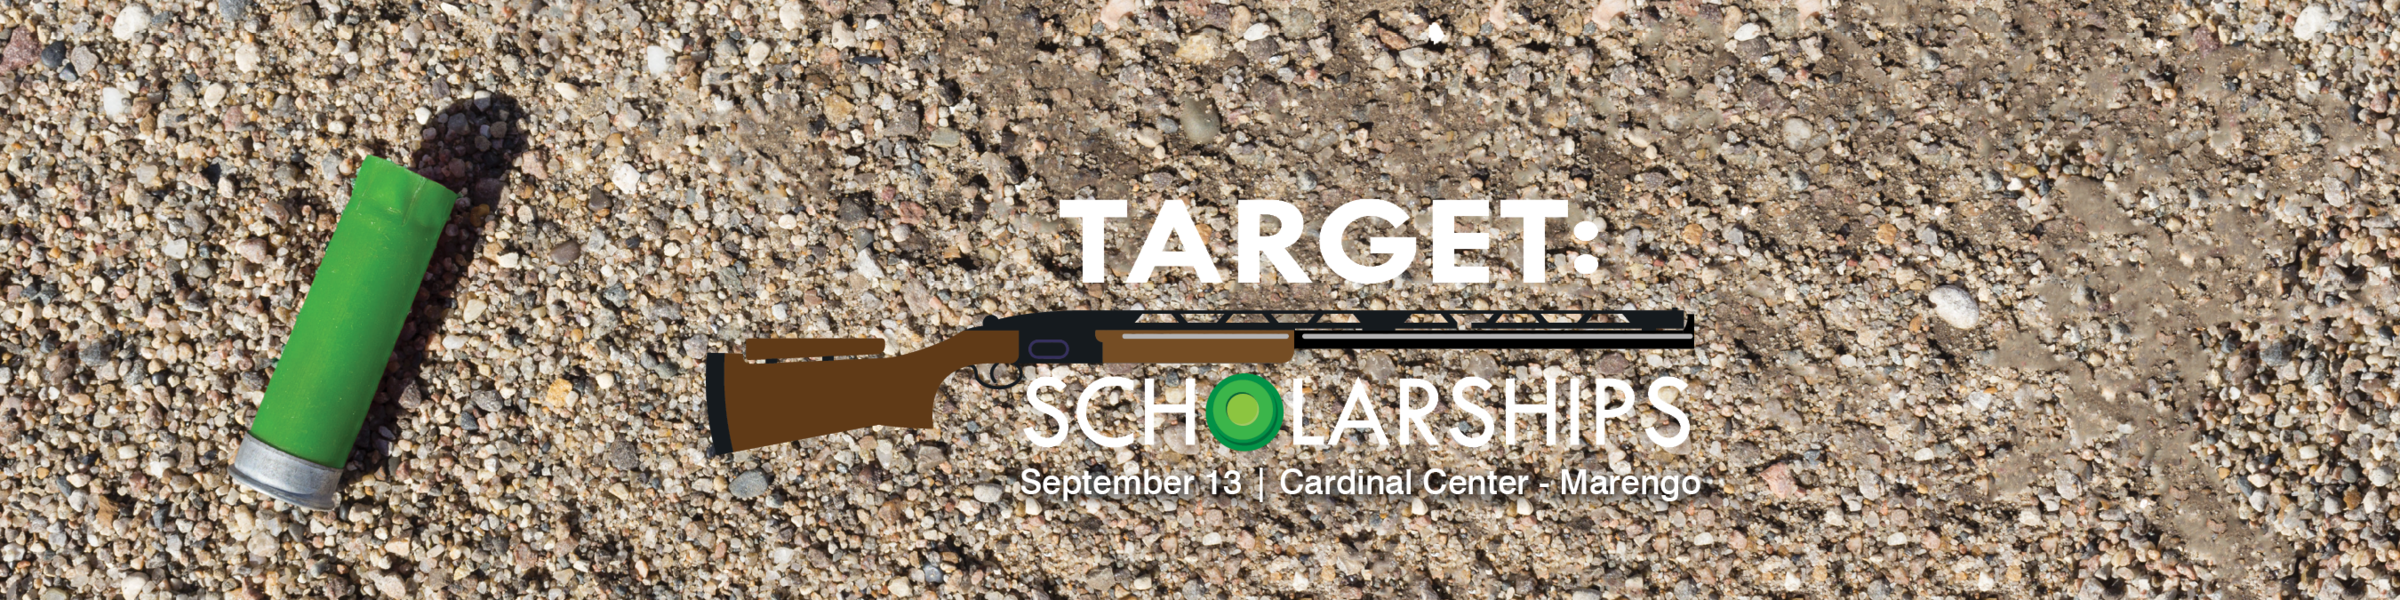 Target Scholarships2019